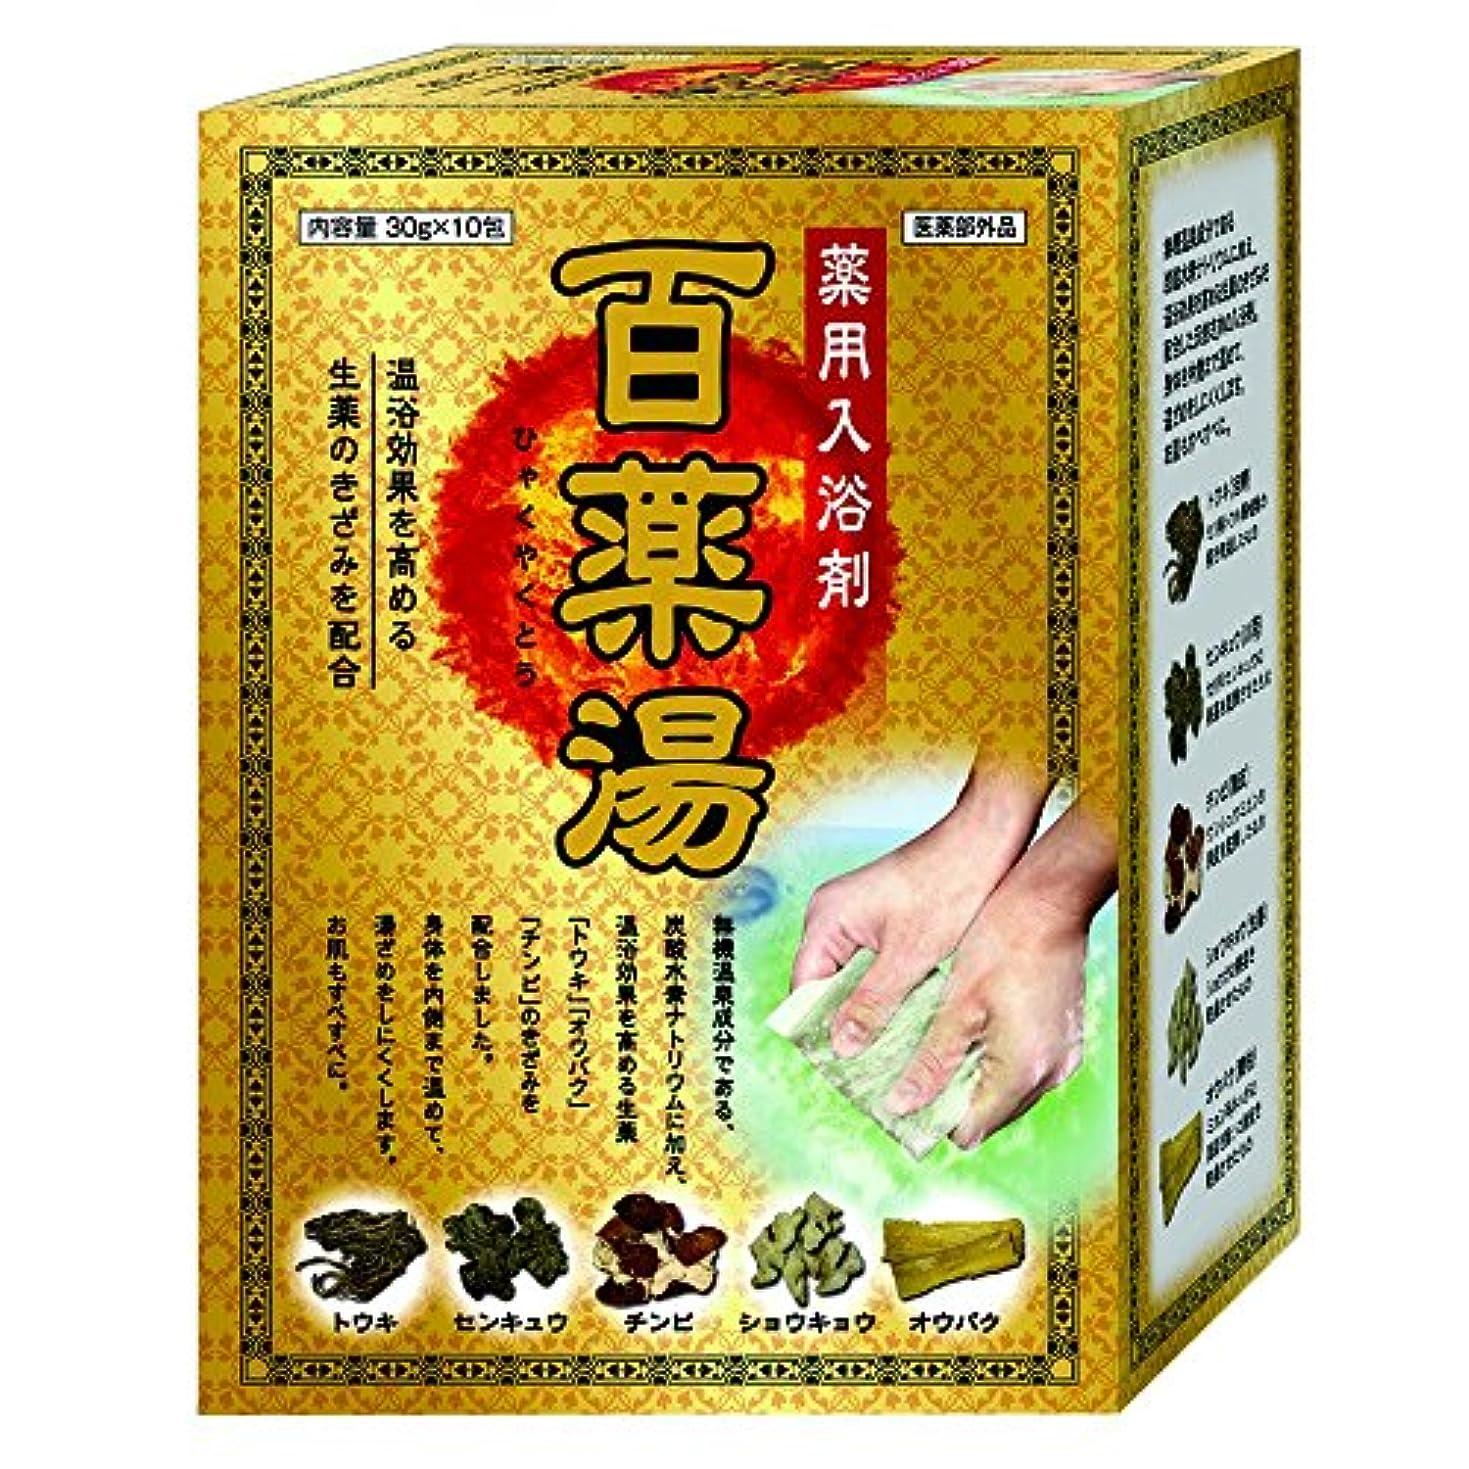 知る活発スムーズに百薬湯 薬用入浴剤 温浴効果を高める生薬のきざみを配合 30g×10包 (医薬部外品)